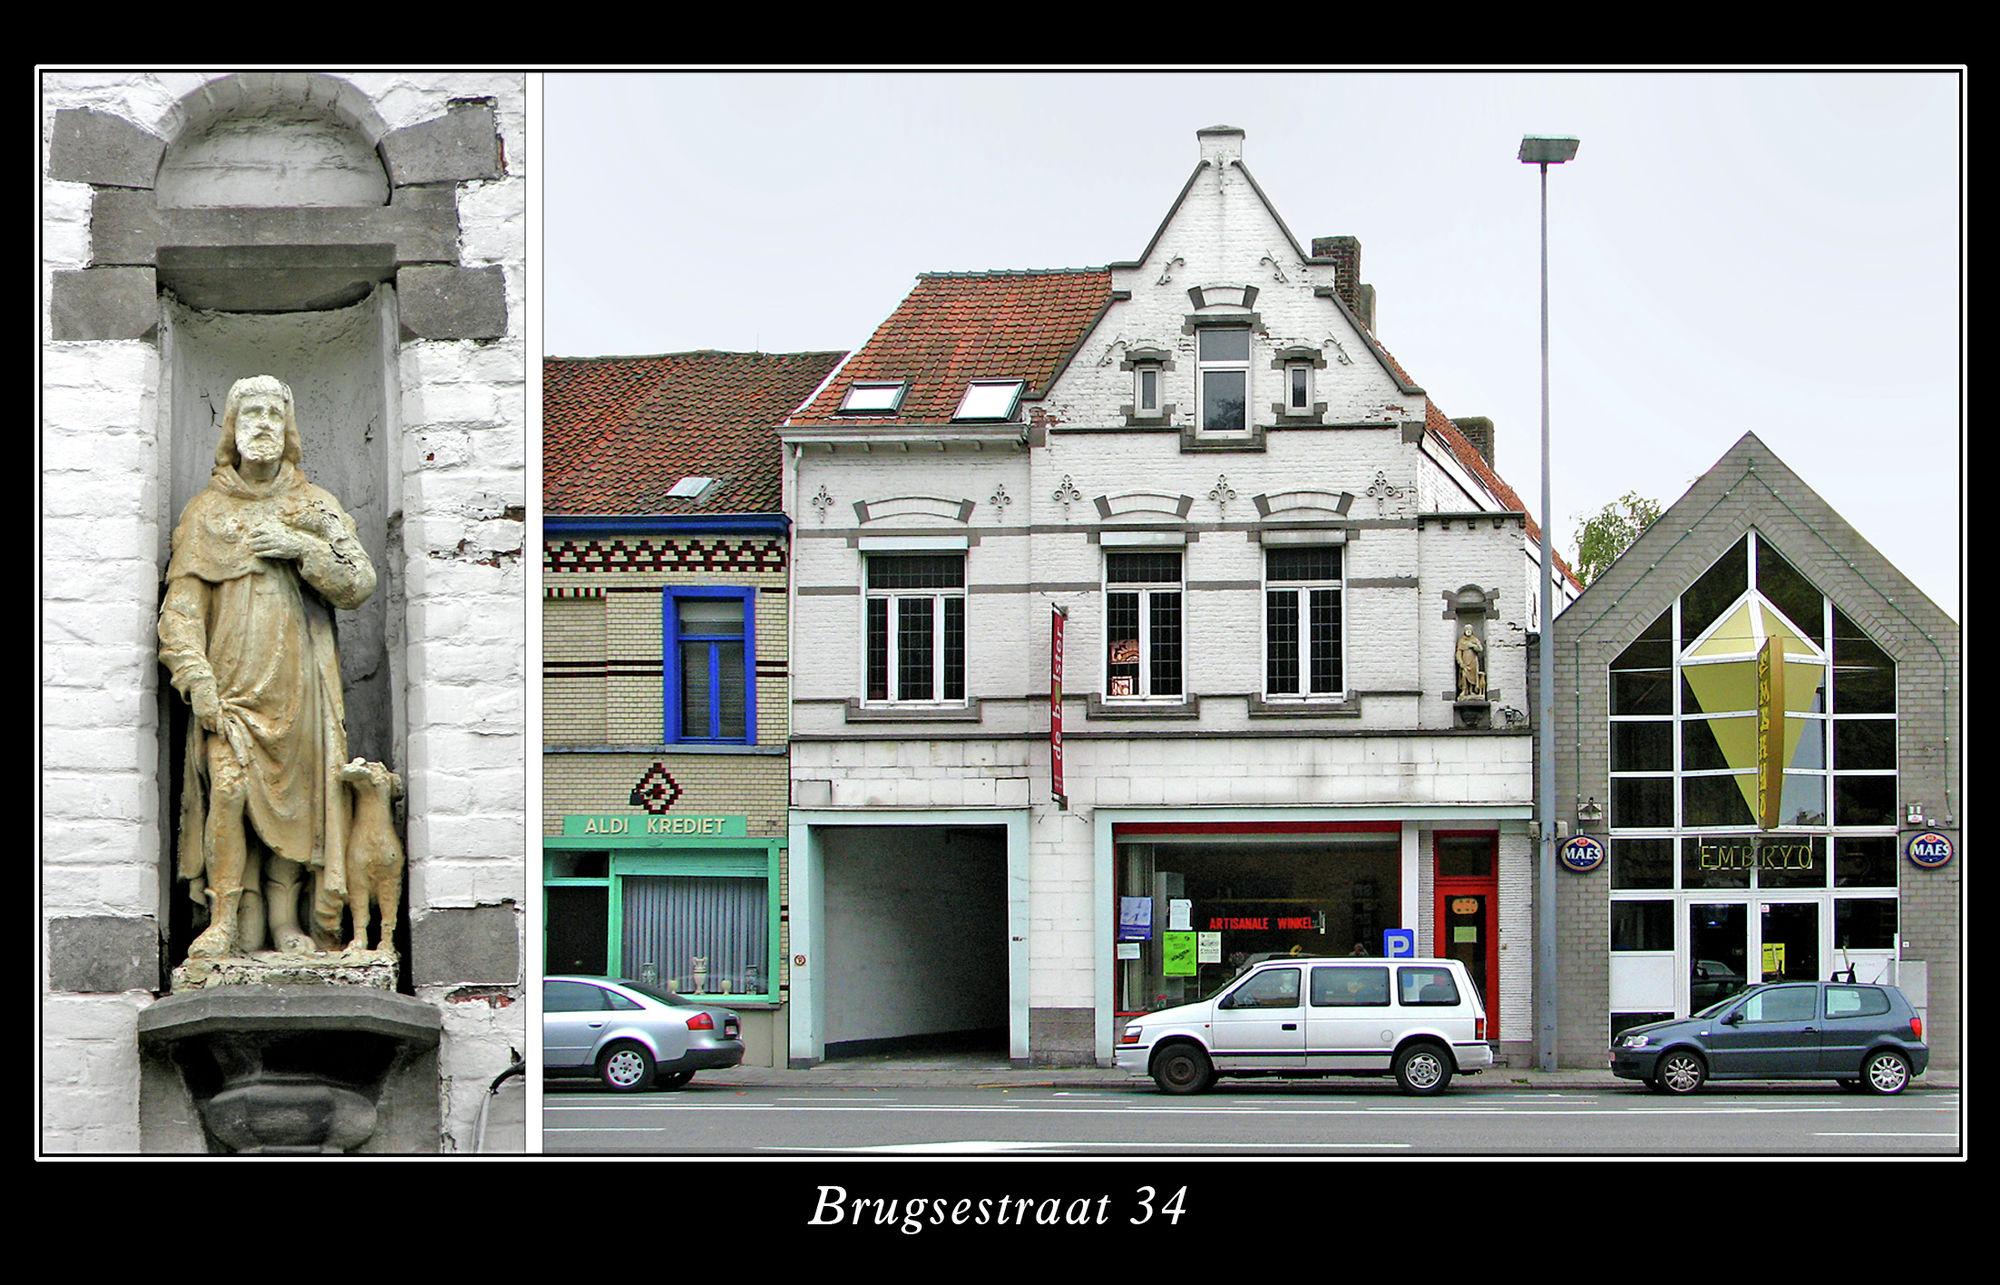 Muurkapel Brugestraat